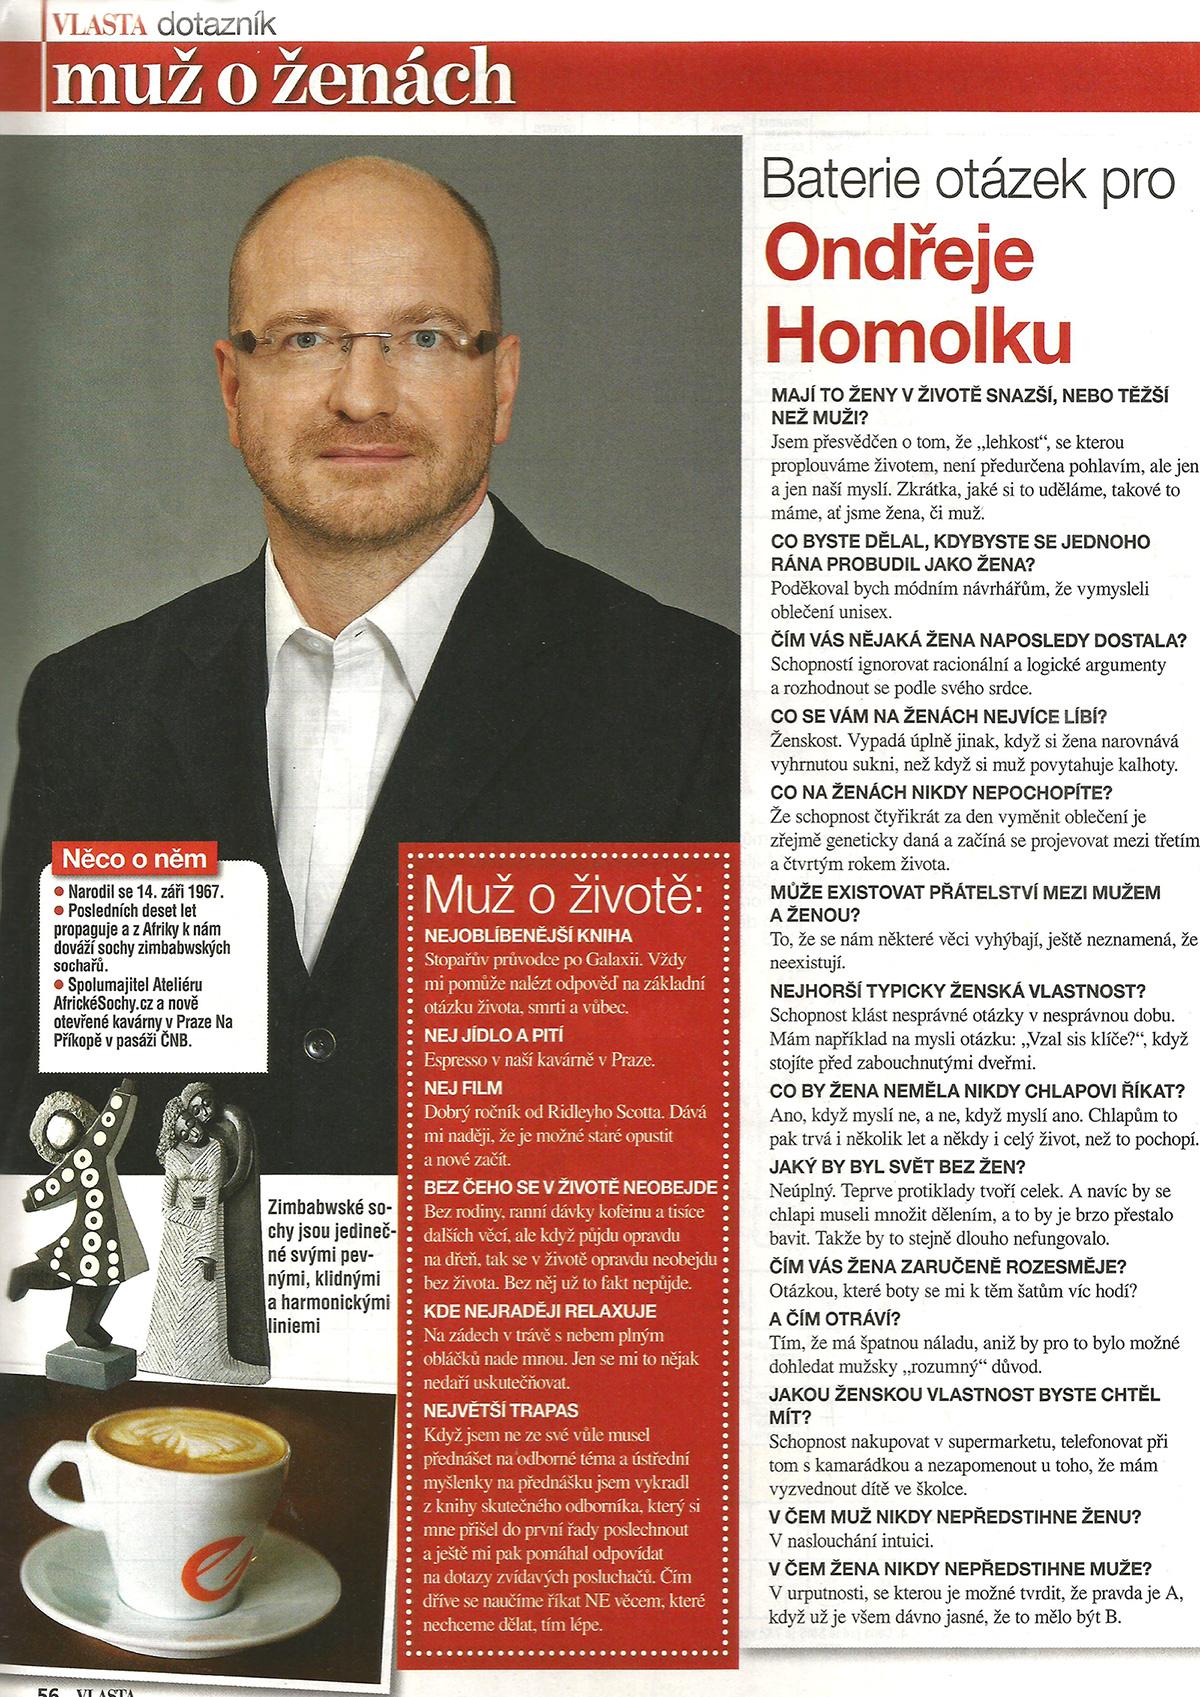 Odpovědi spolumajitele Ateliéru AfrickéSochy.cz Ondřeje Homolky na otázky týdeníku Vlasta